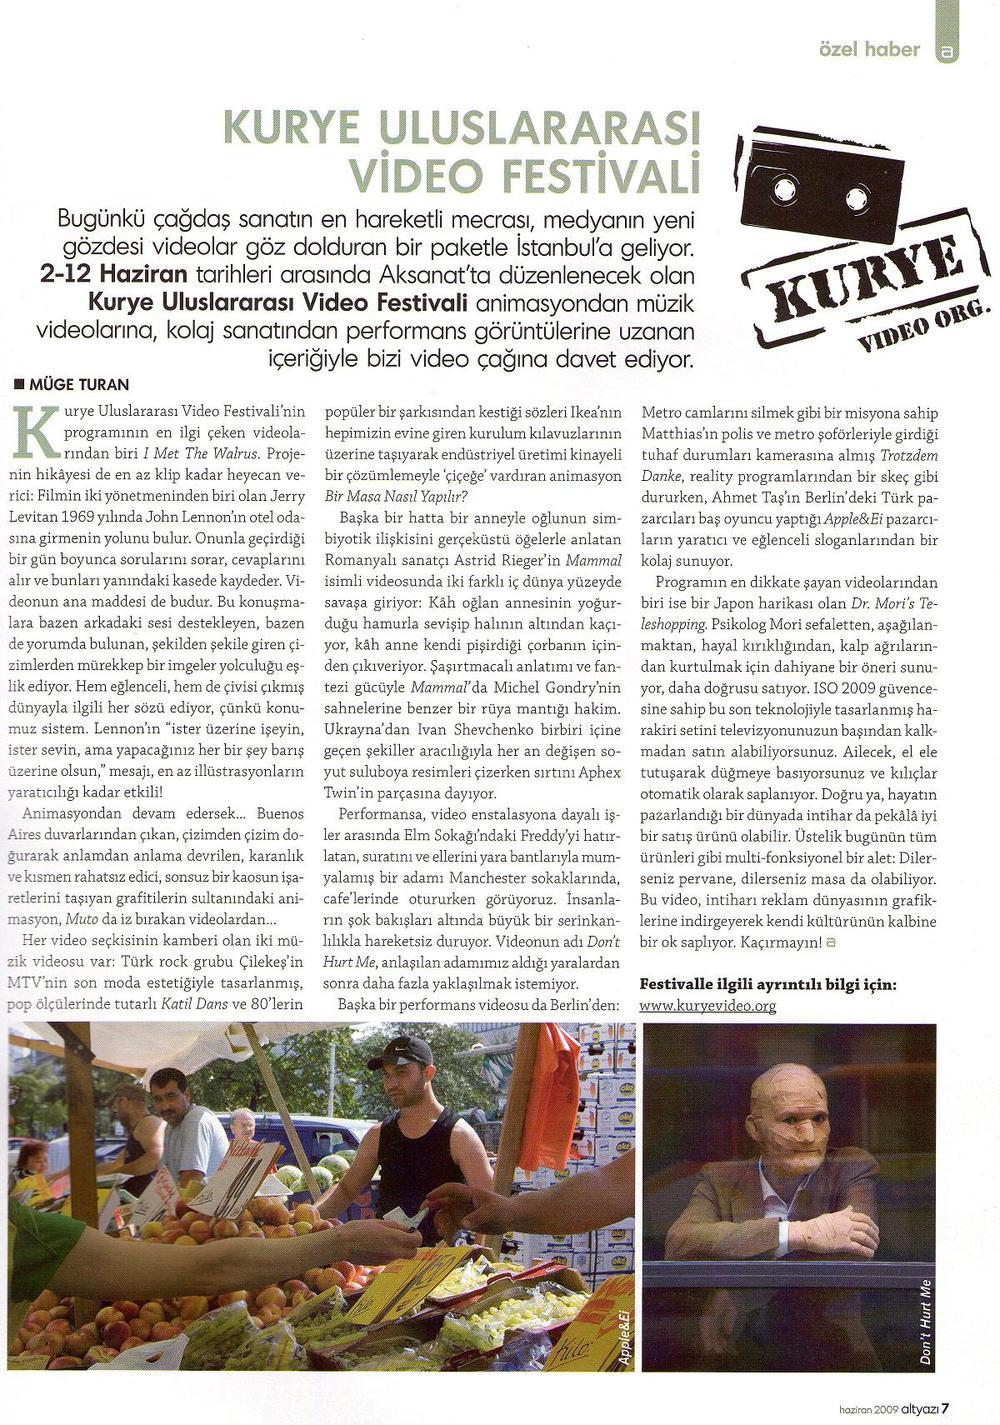 Altyazi_06.09_Haber.jpg